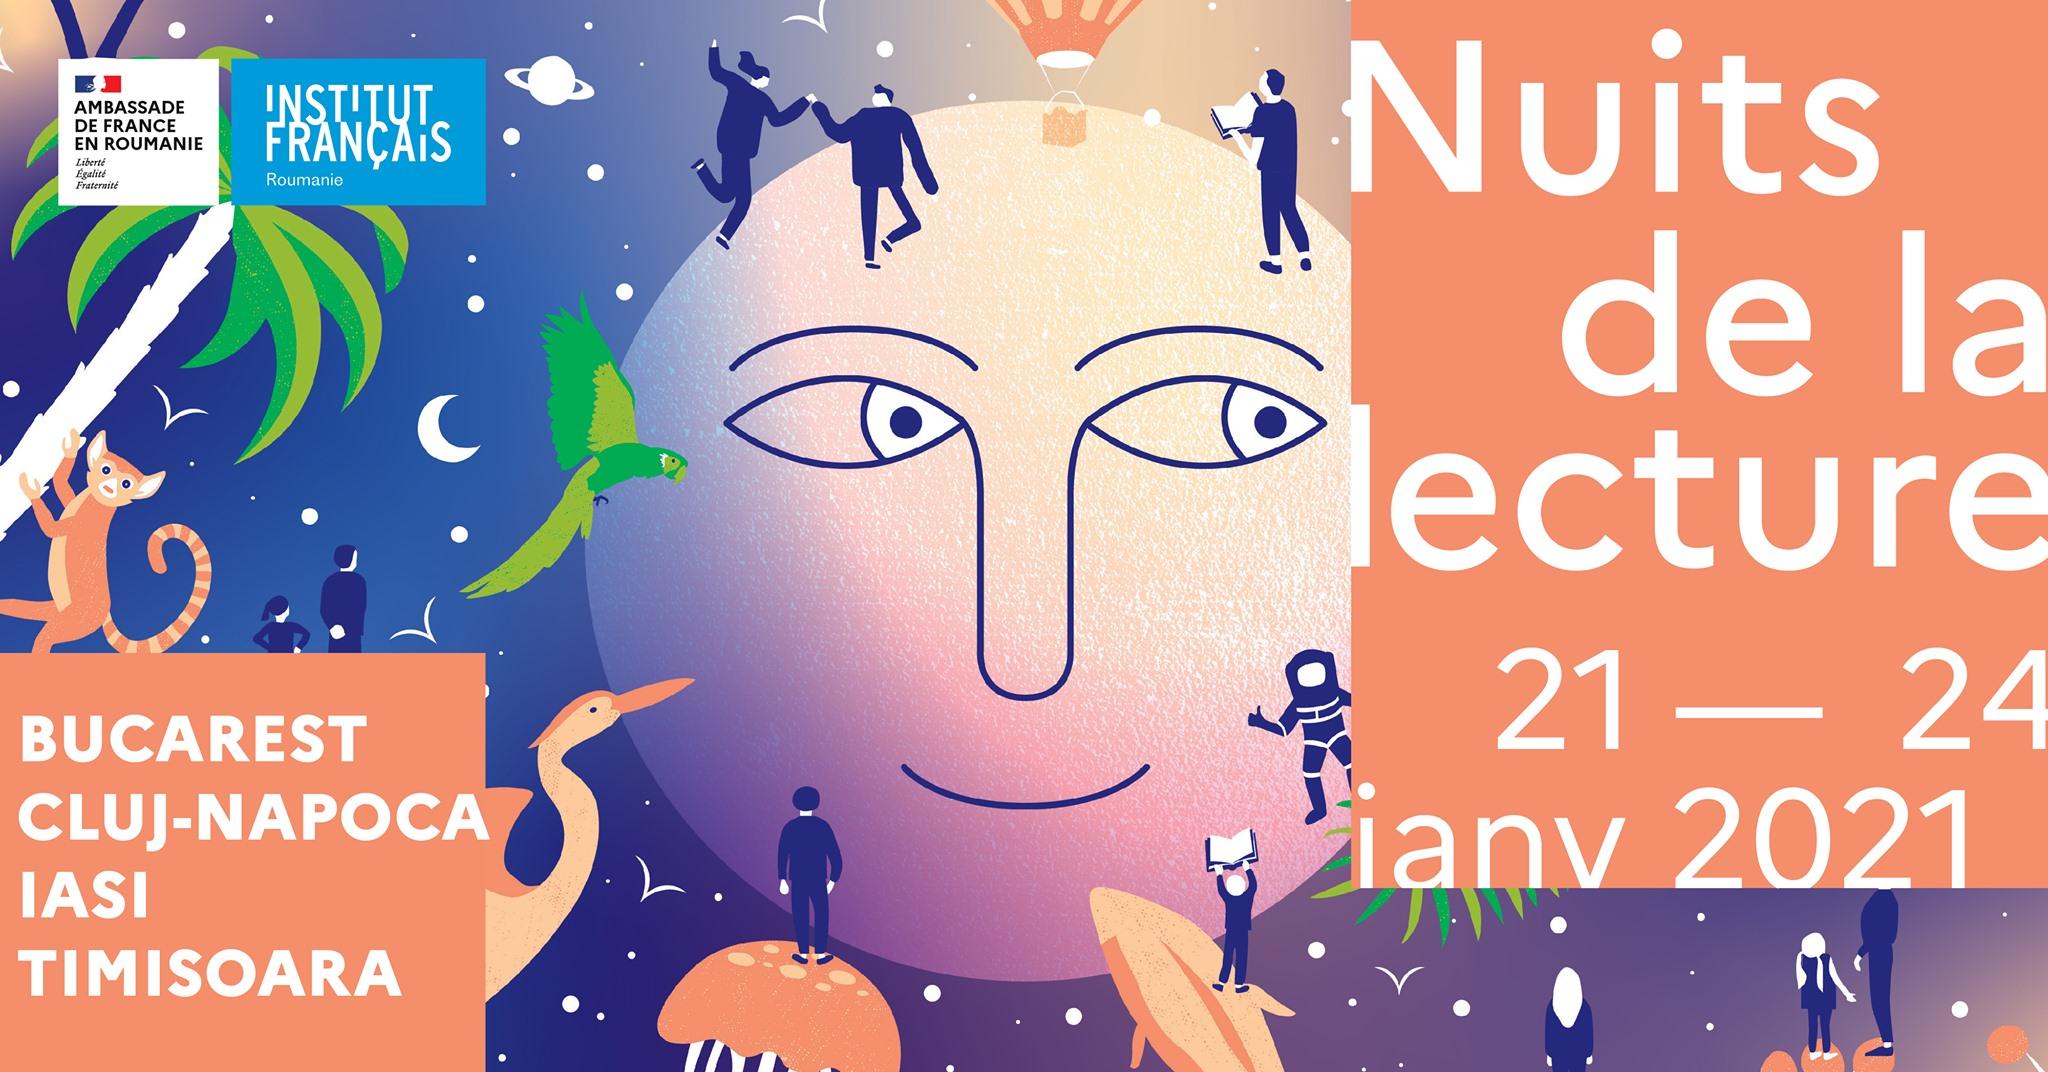 Les Nuits de la Lecture - Nopţile Lecturii